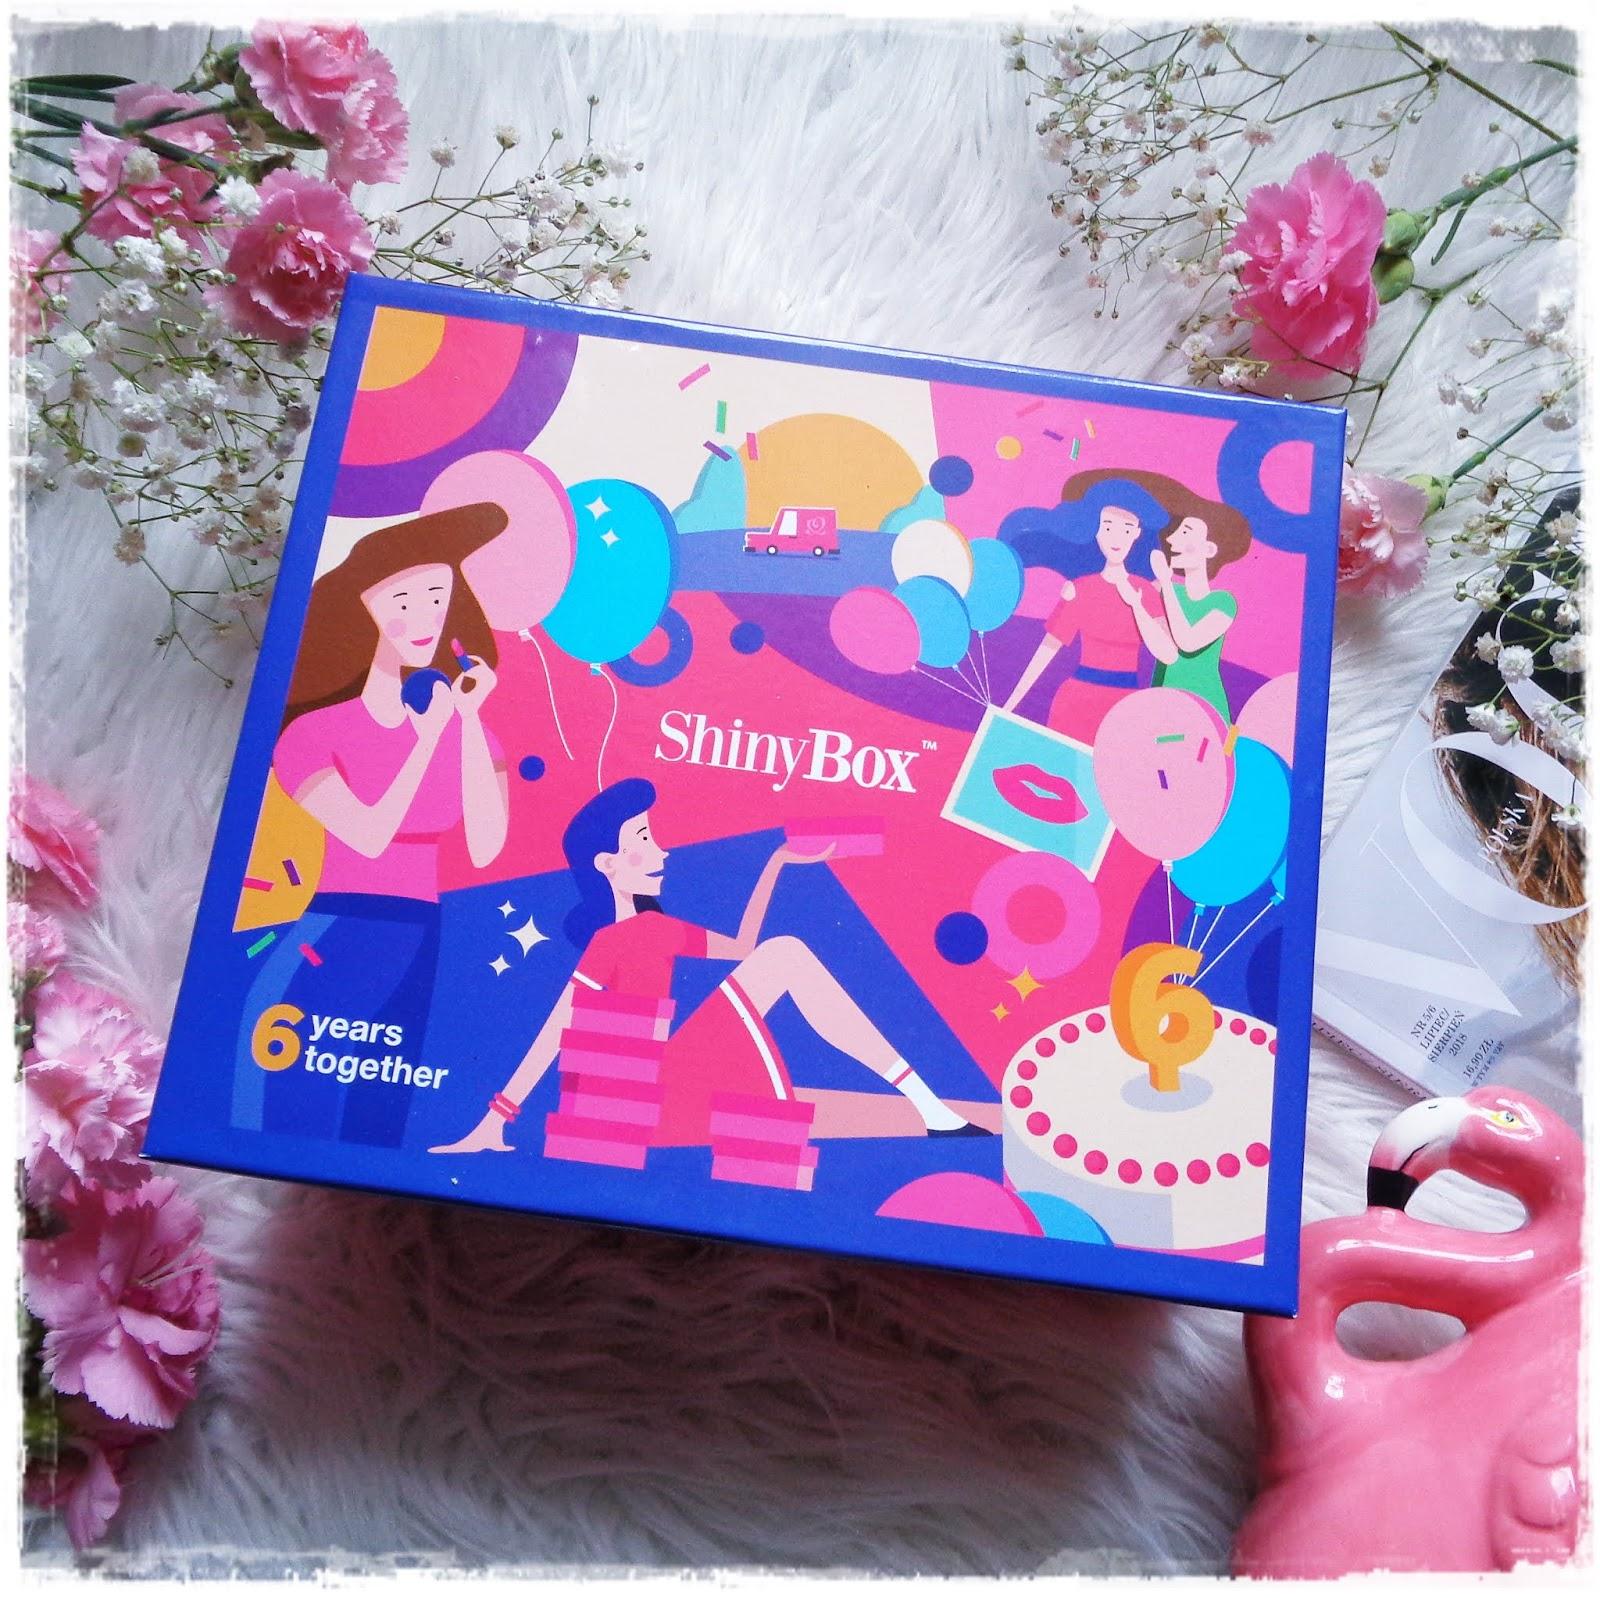 Shinybox, Urodzinowe Pudełko, Czerwiec 2018